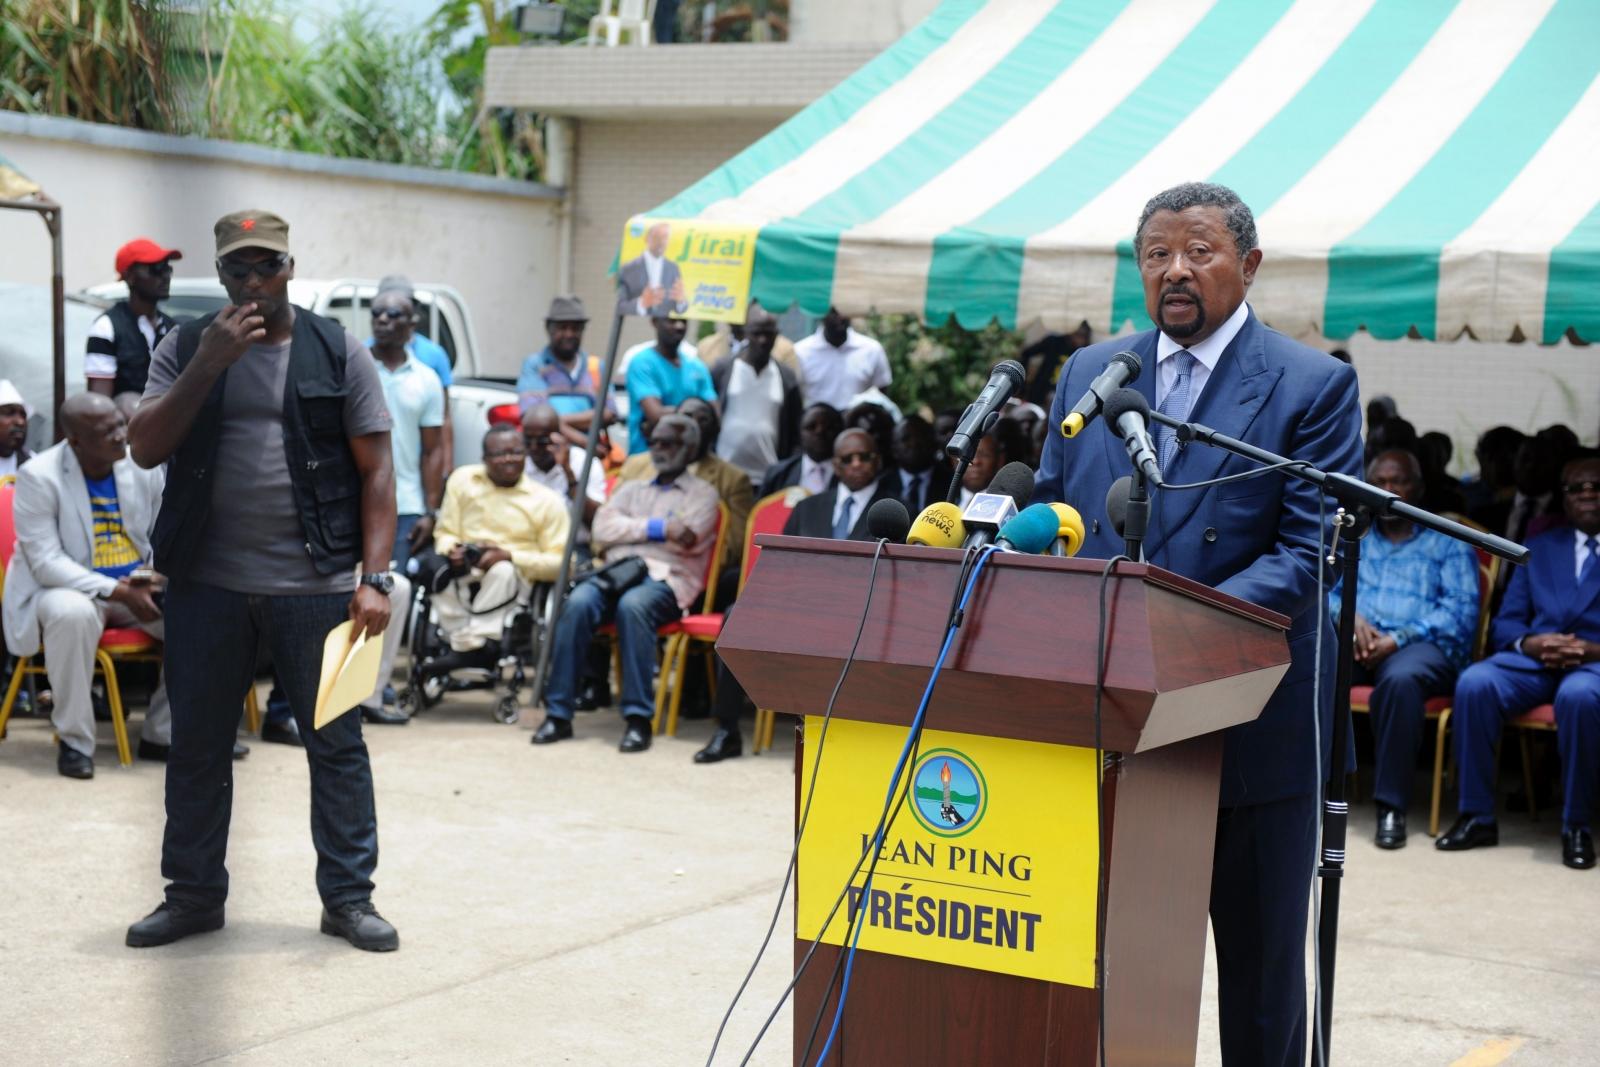 Gabon's opposition leader Jean Ping